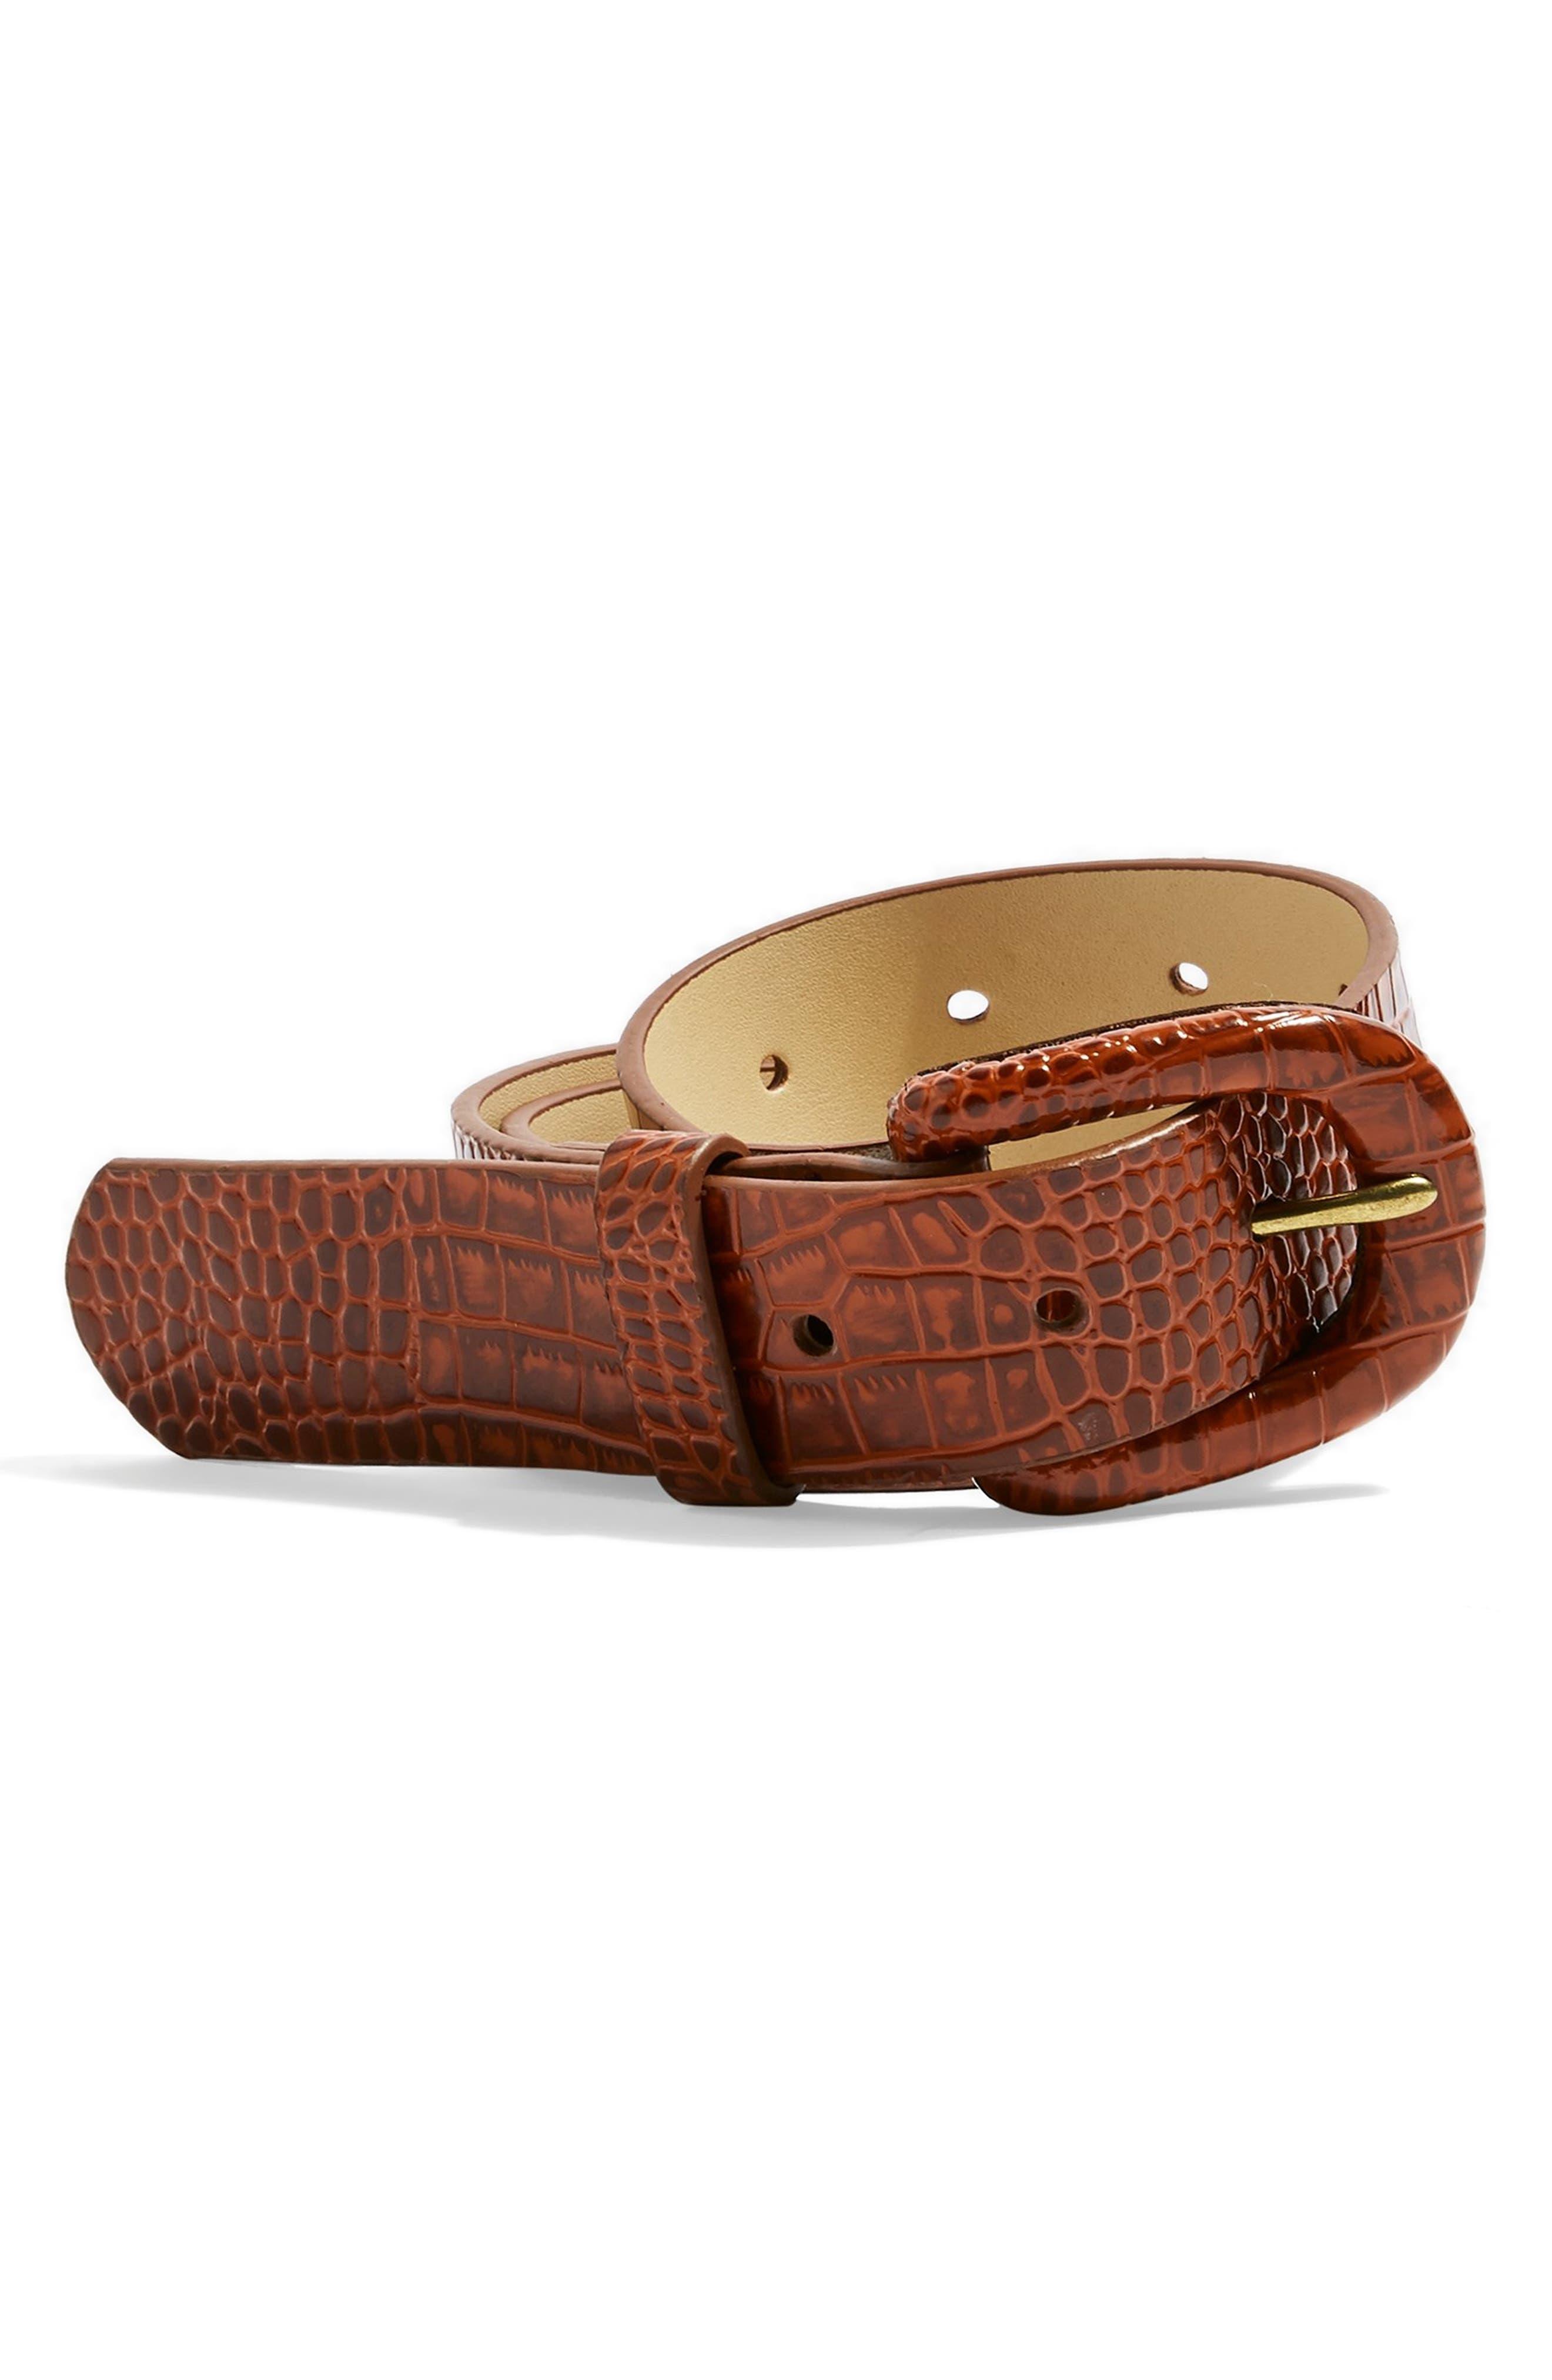 TOPSHOP Crocodile Embossed Belt, Main, color, BROWN